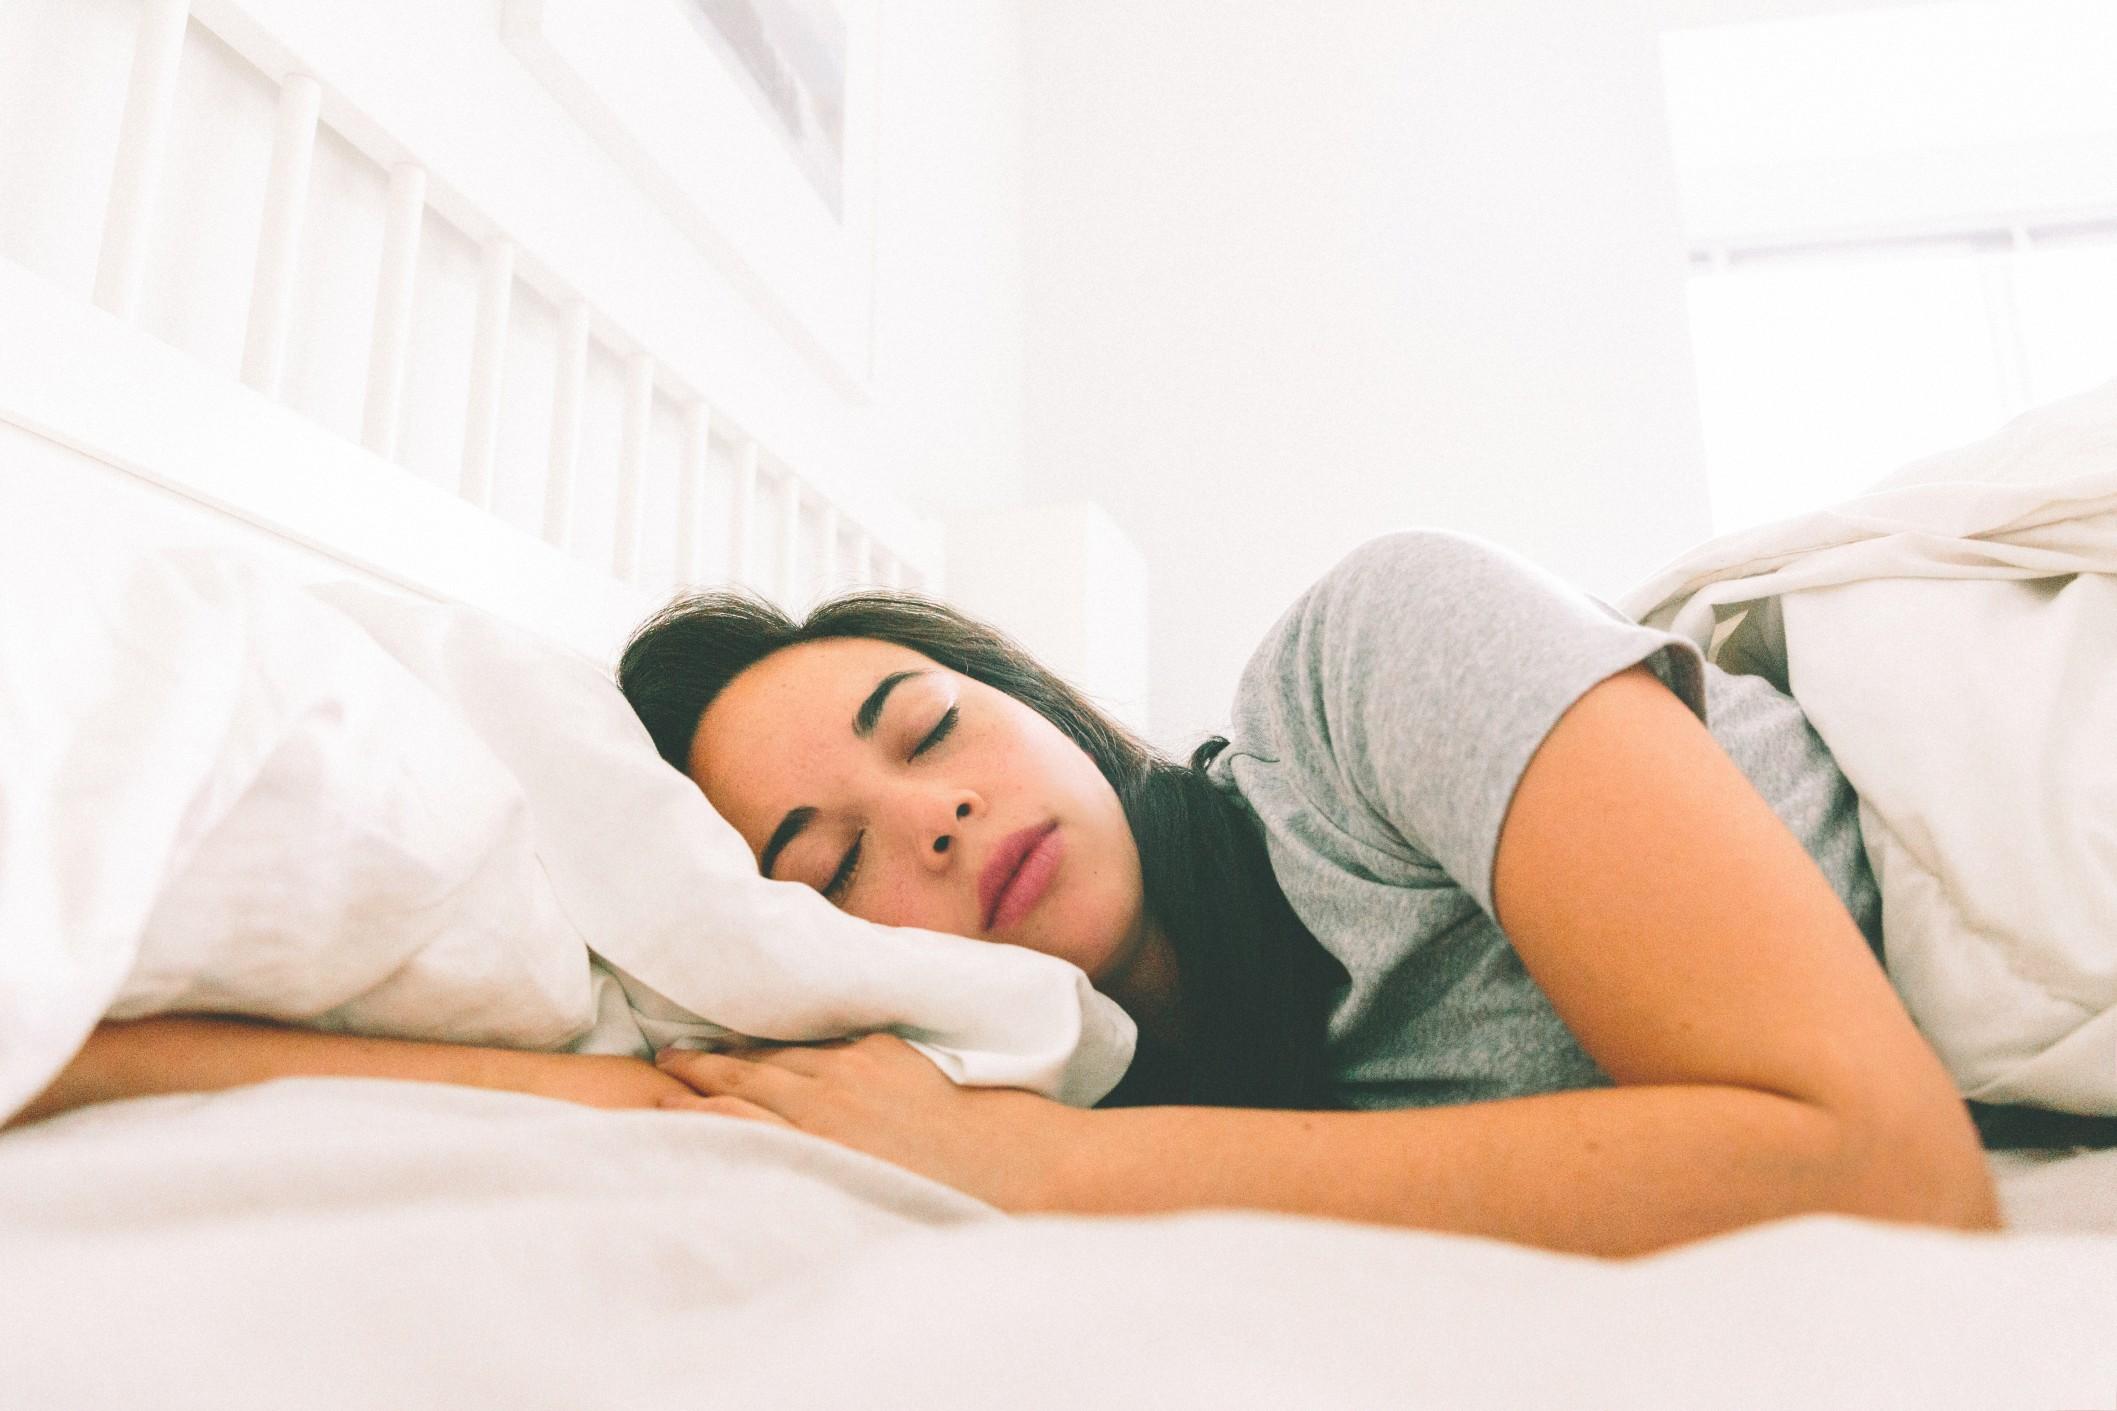 La importancia de dormir: el sueño